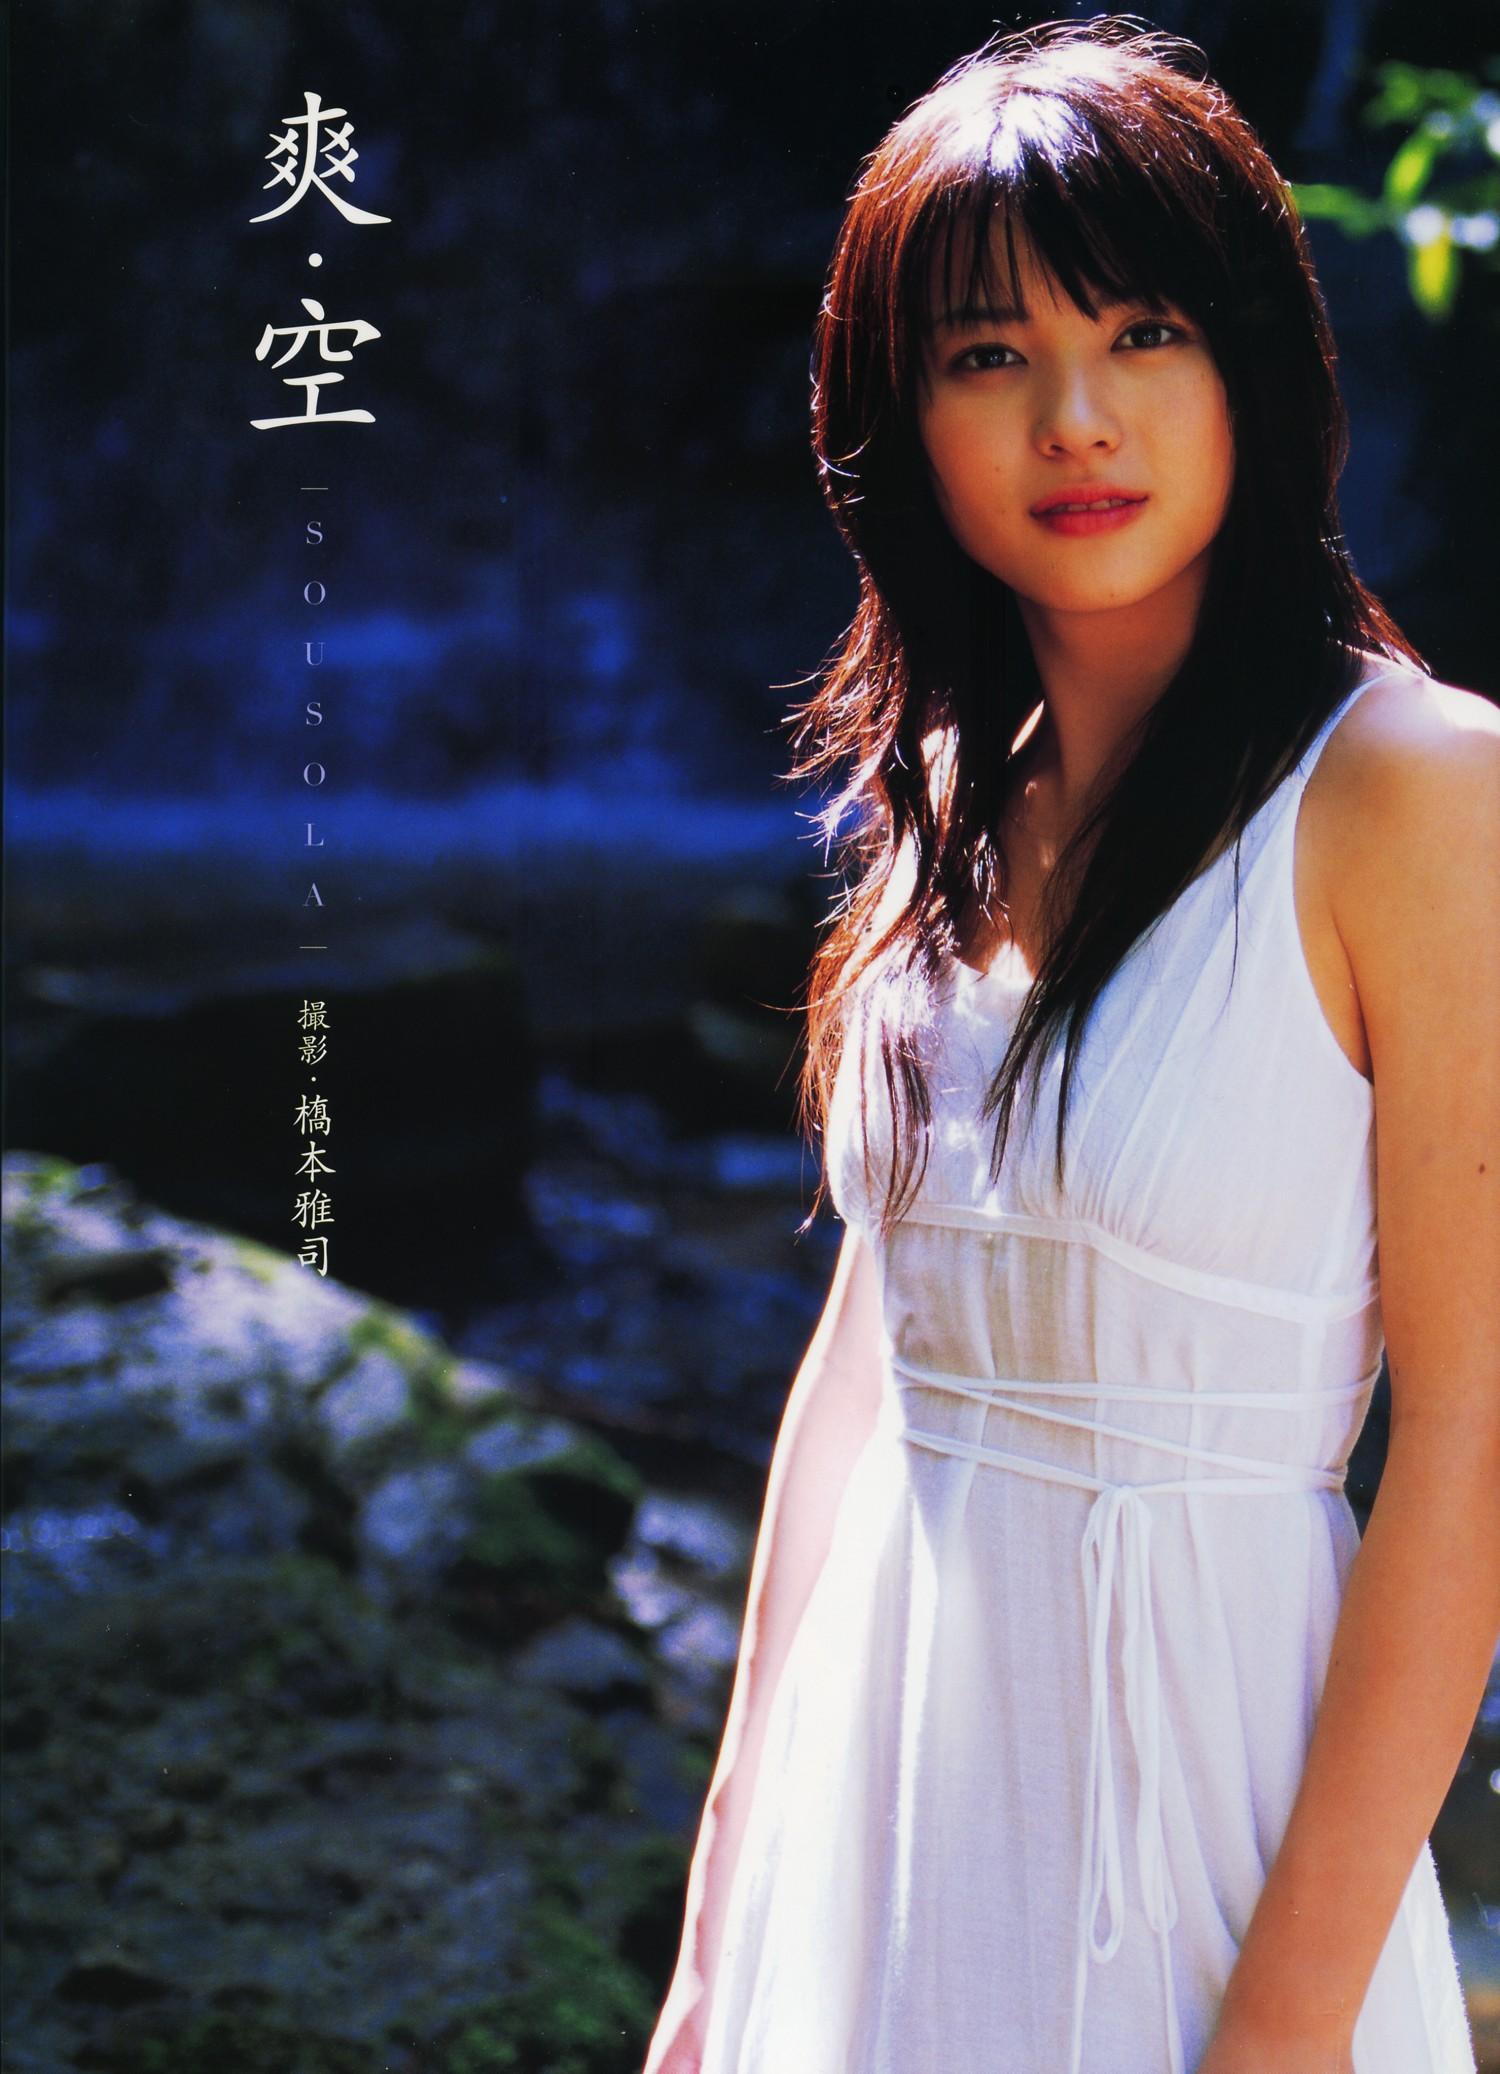 [FSo] [PB] 2008-01-27 Maimi Yajima 矢島舞美写真集「爽?空(Sousola)」 [34.63 MB] sfjic34b75i1_t